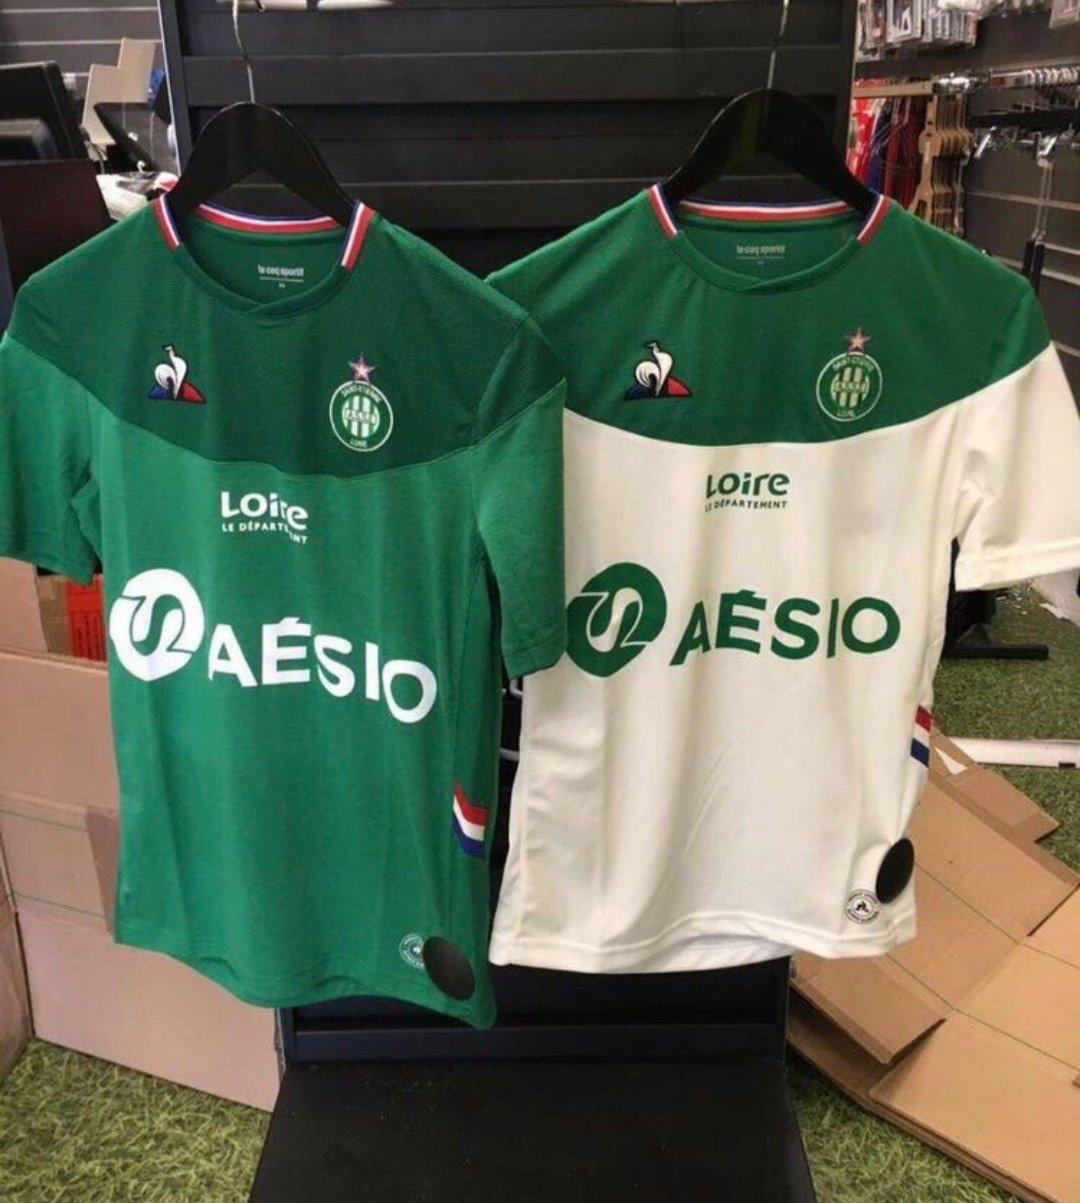 ASSE 2020 maillots de foot coq sportif 19 20 Saint Etienne